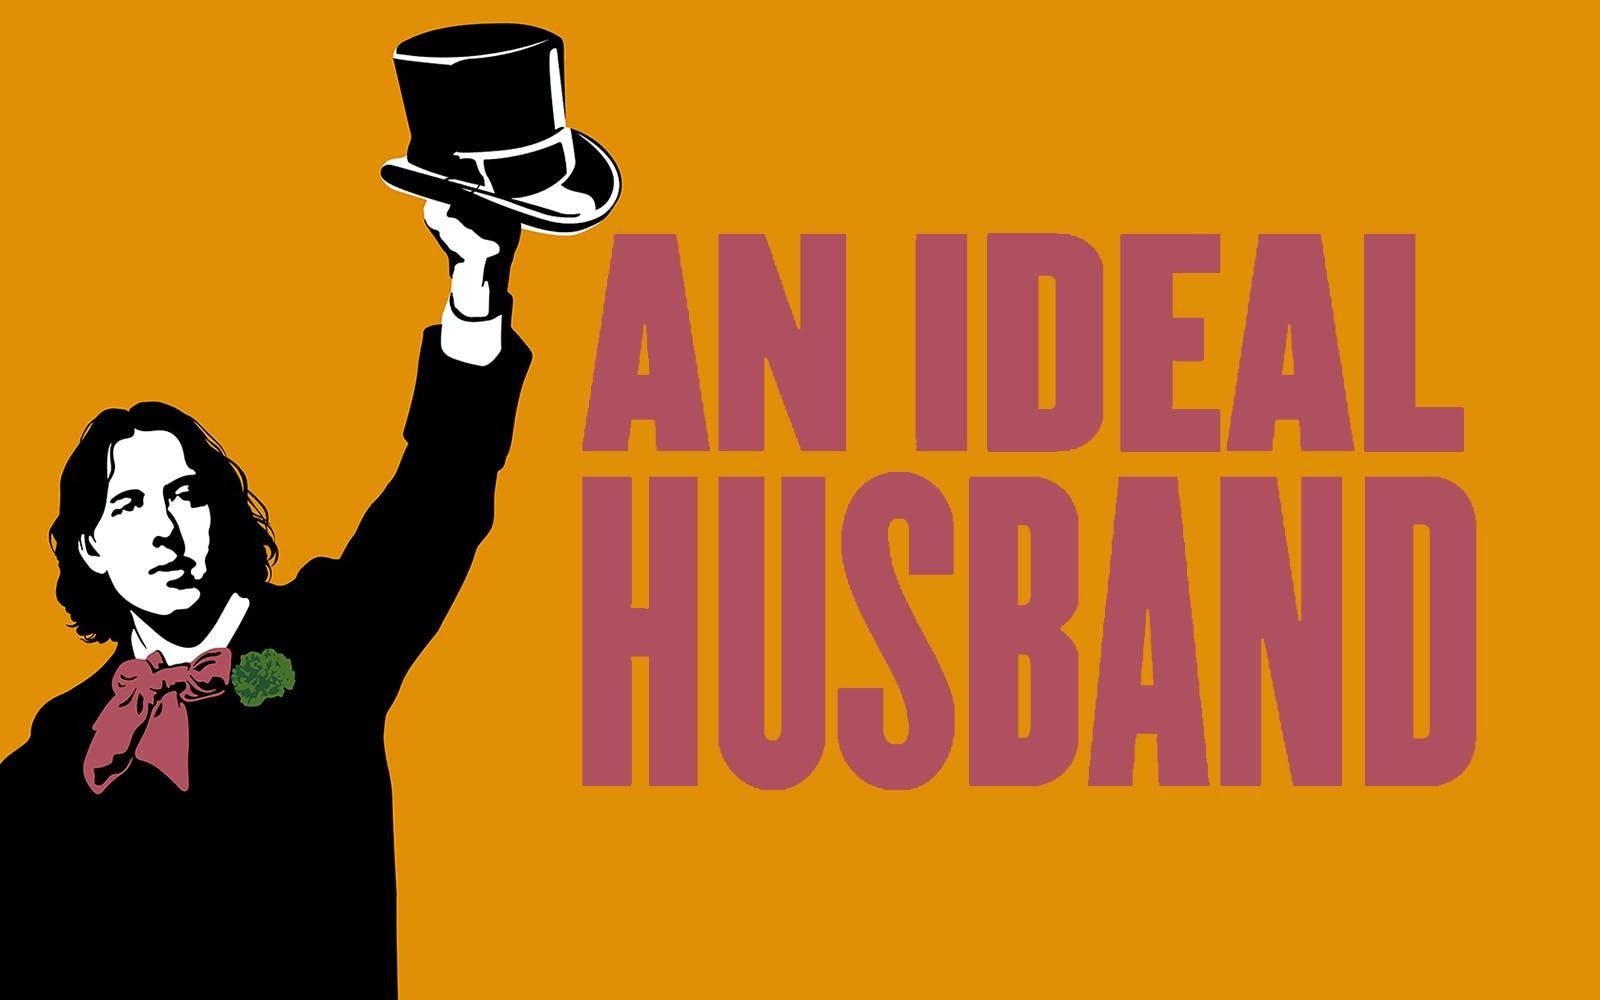 an ideal husband 1